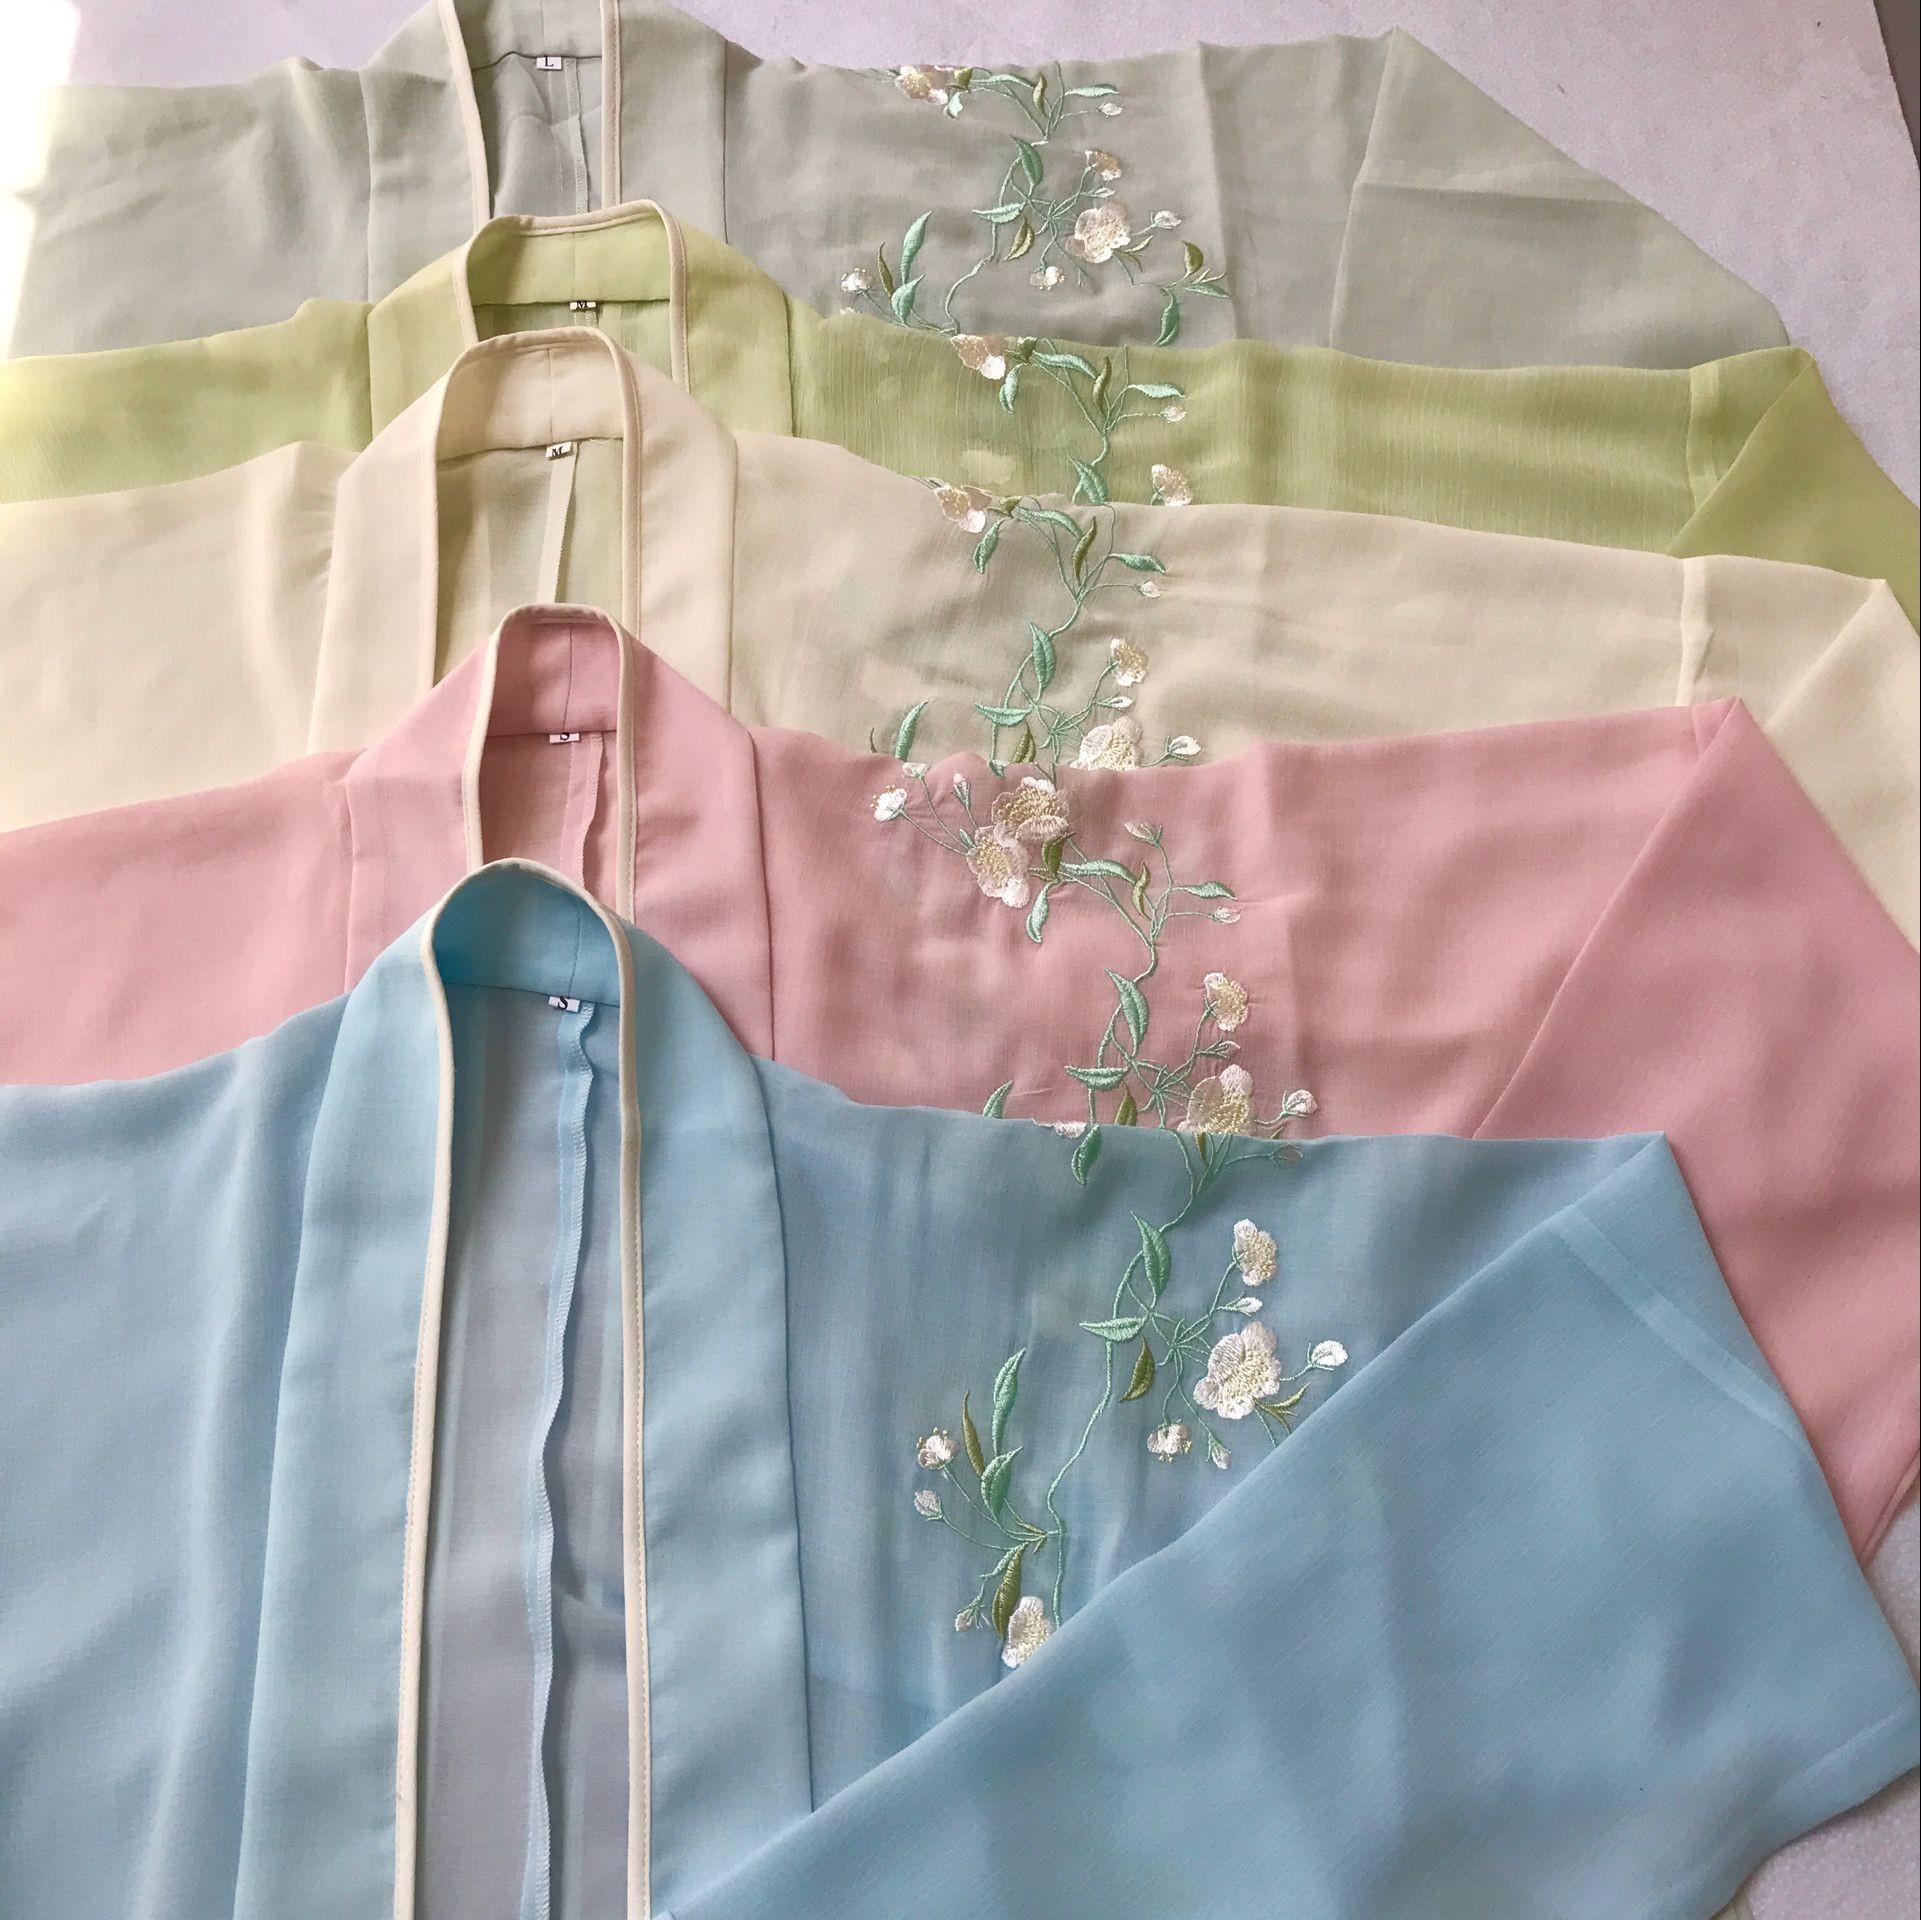 Южная элегантный коллекция — оригинал китайский одежда вышивка Палка один кусочек ткани поверх другого к югу долго Палка один кусочек ткани поверх другого сын весна женские модели снег груша открыто